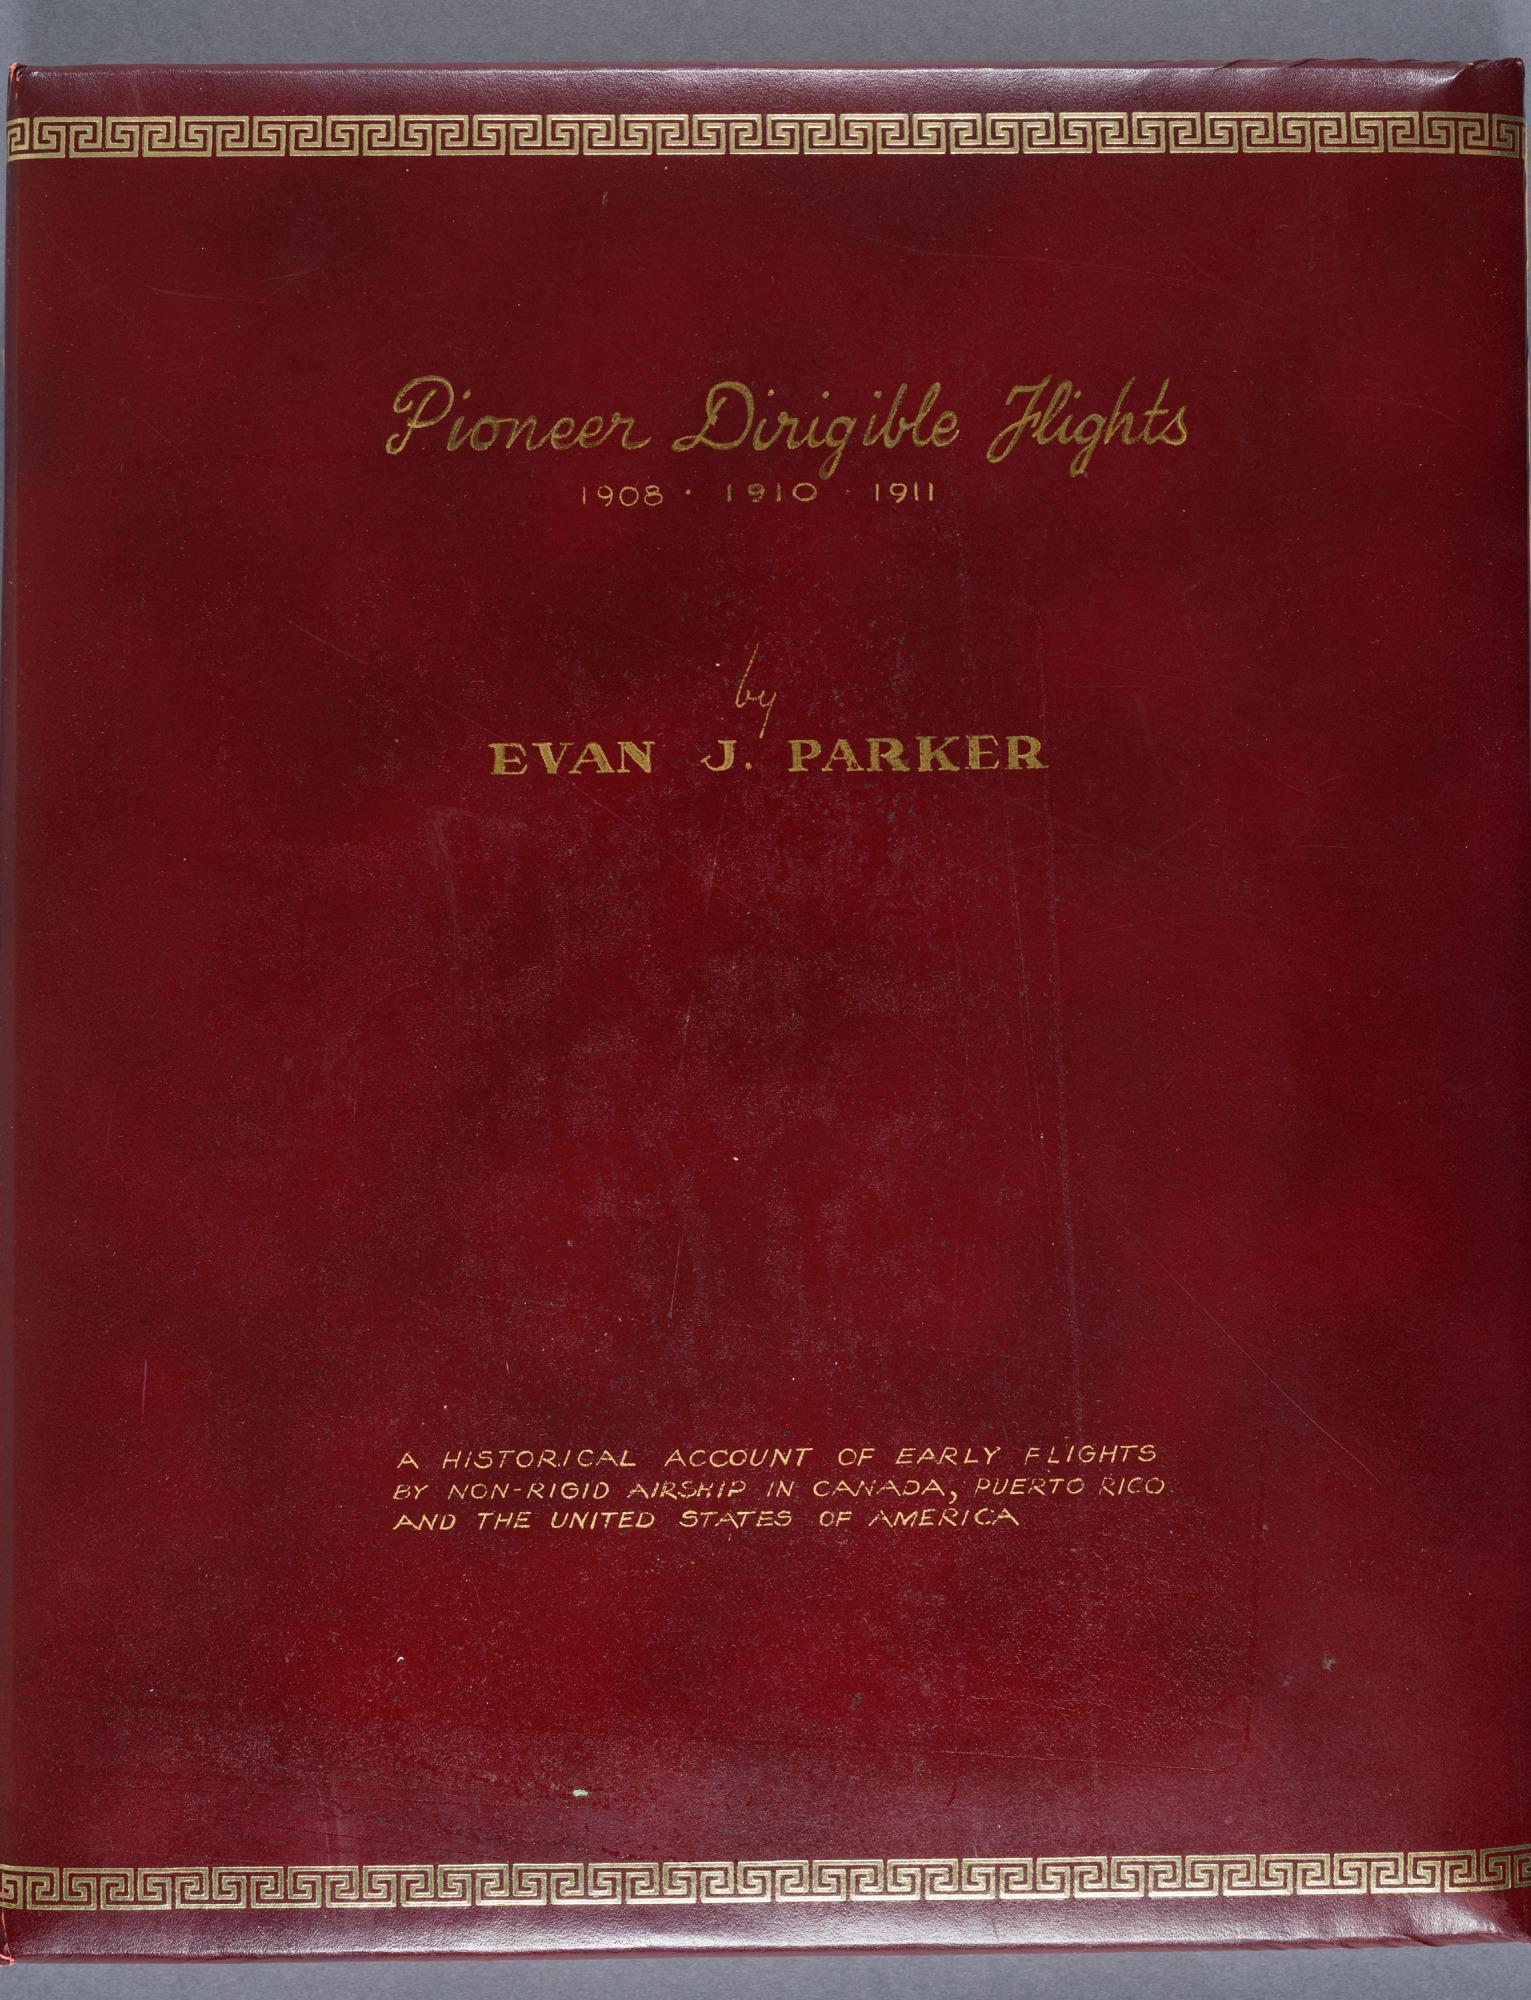 Evan J. Parker Scrapbook